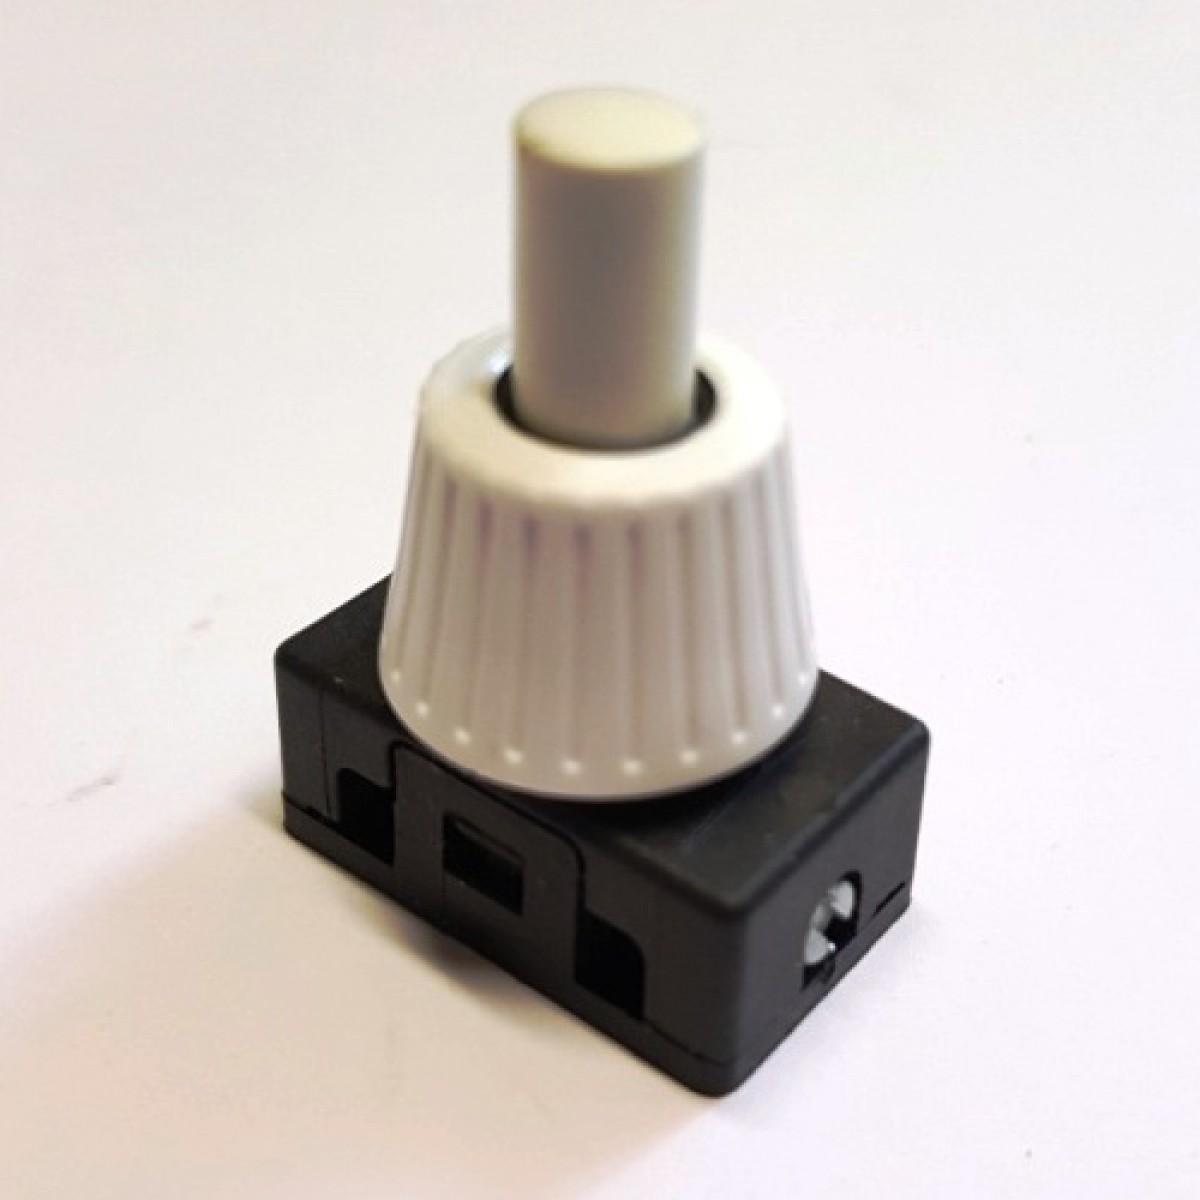 Druckschalter Halslänge 12mm | Elektronik für jedermann